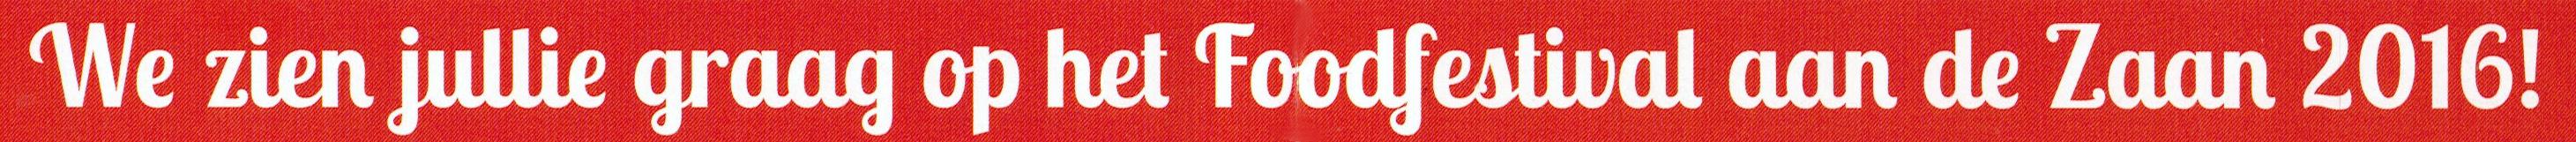 Foodfestival aan De Zaan logo